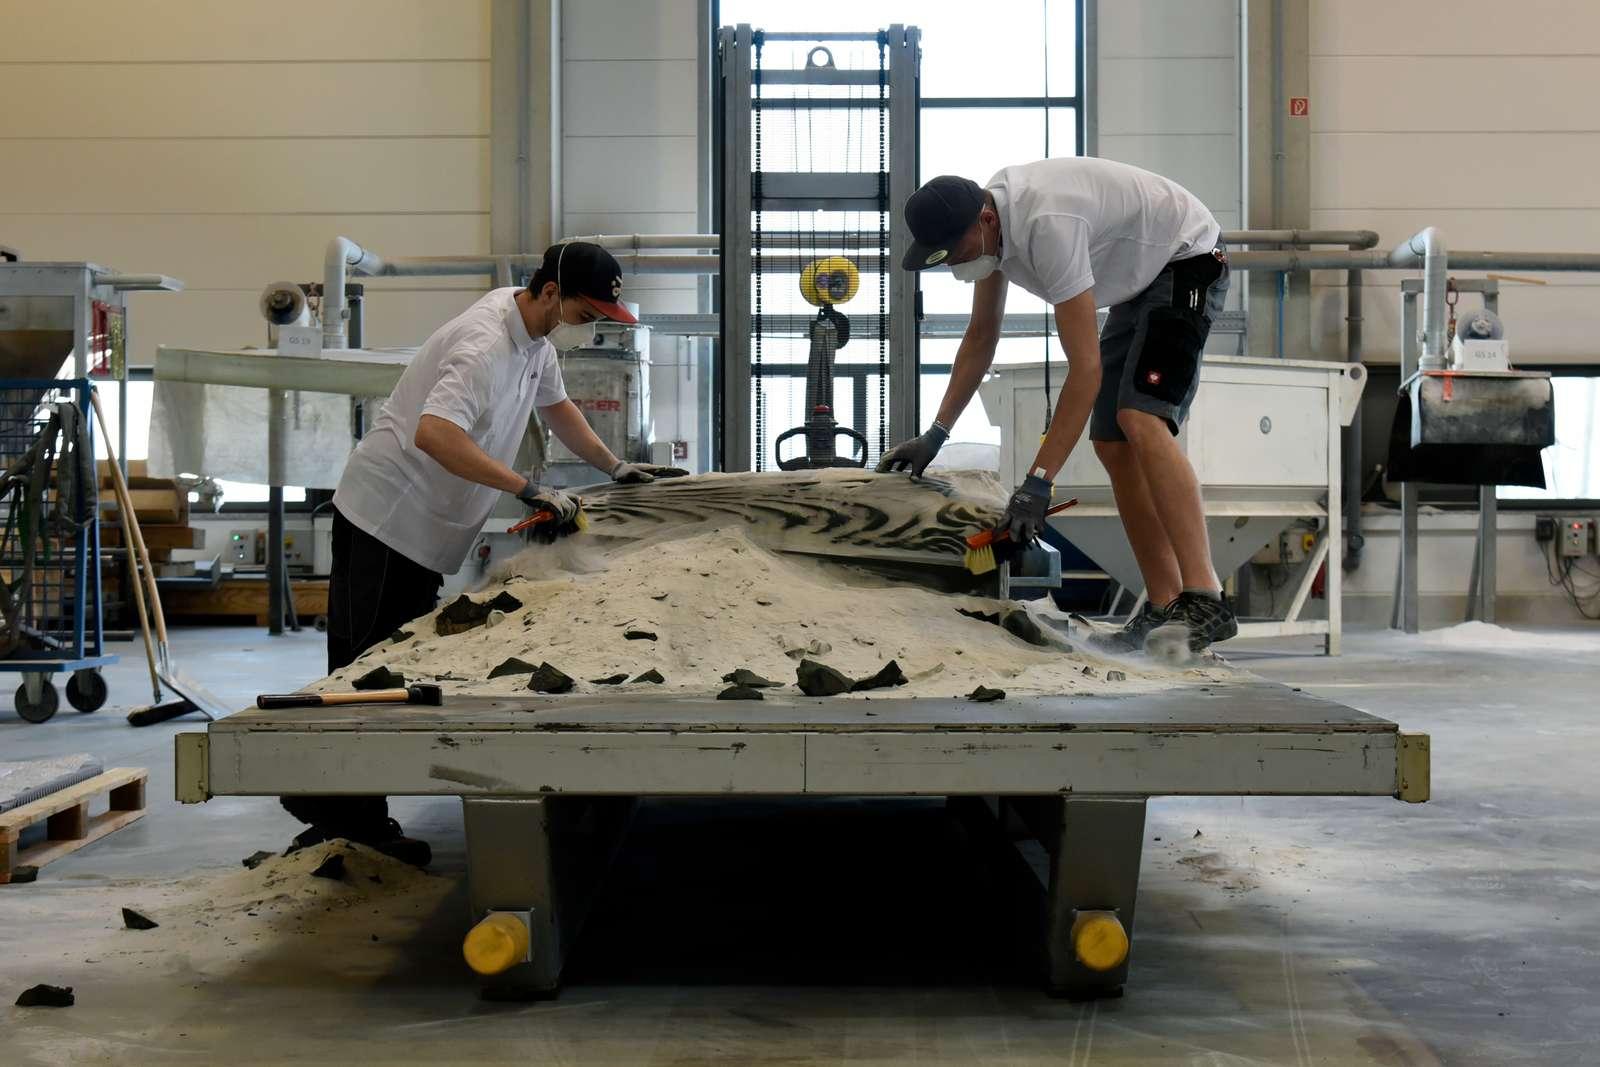 В Швейцарской высшей технической школе Цюриха создают легкий бетонный потолок с использованием 3D-песочной печати